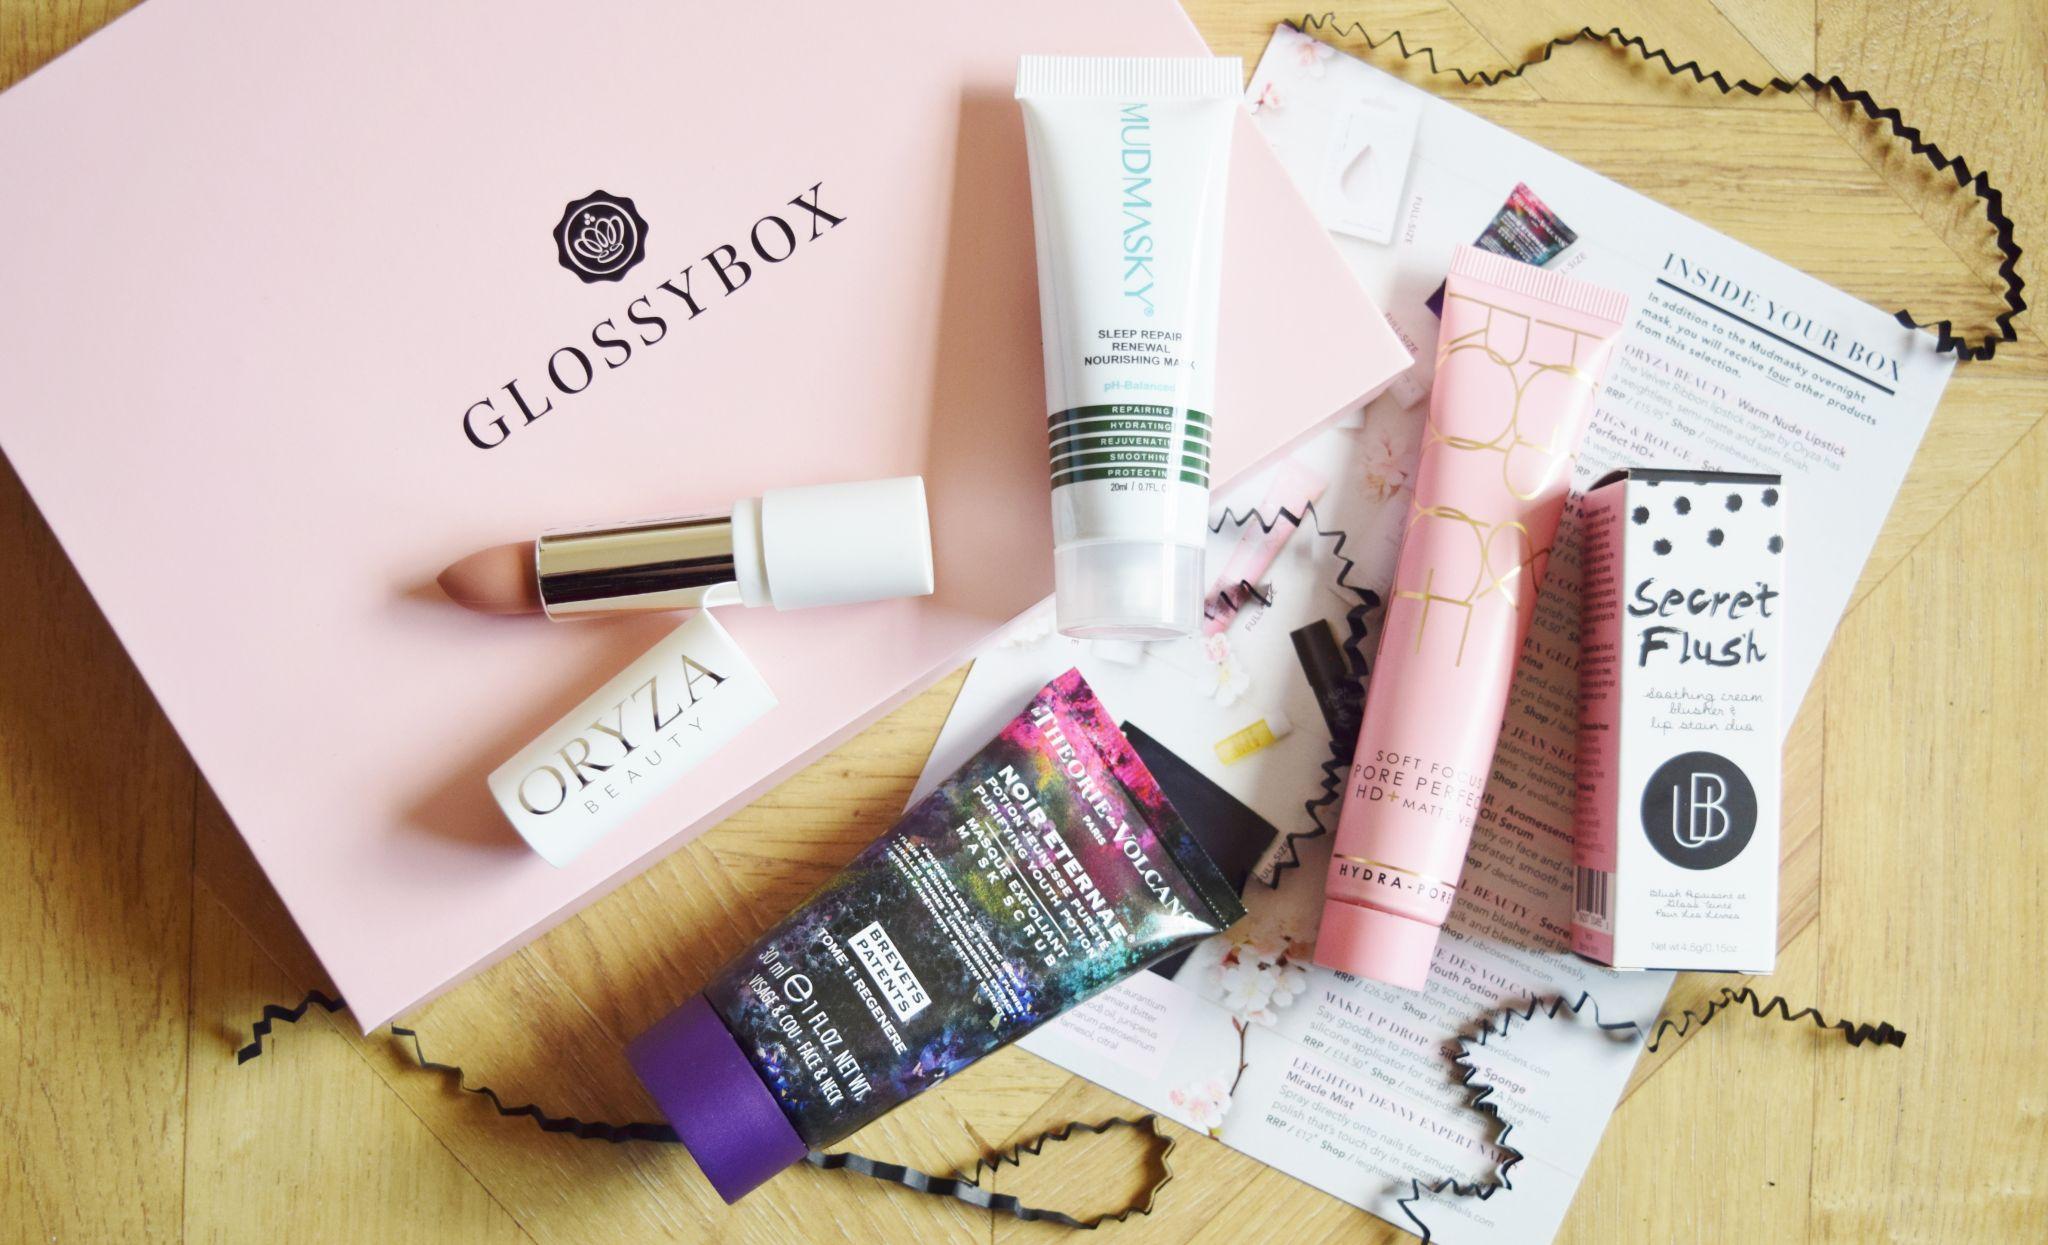 Glossybox March 2018 Box